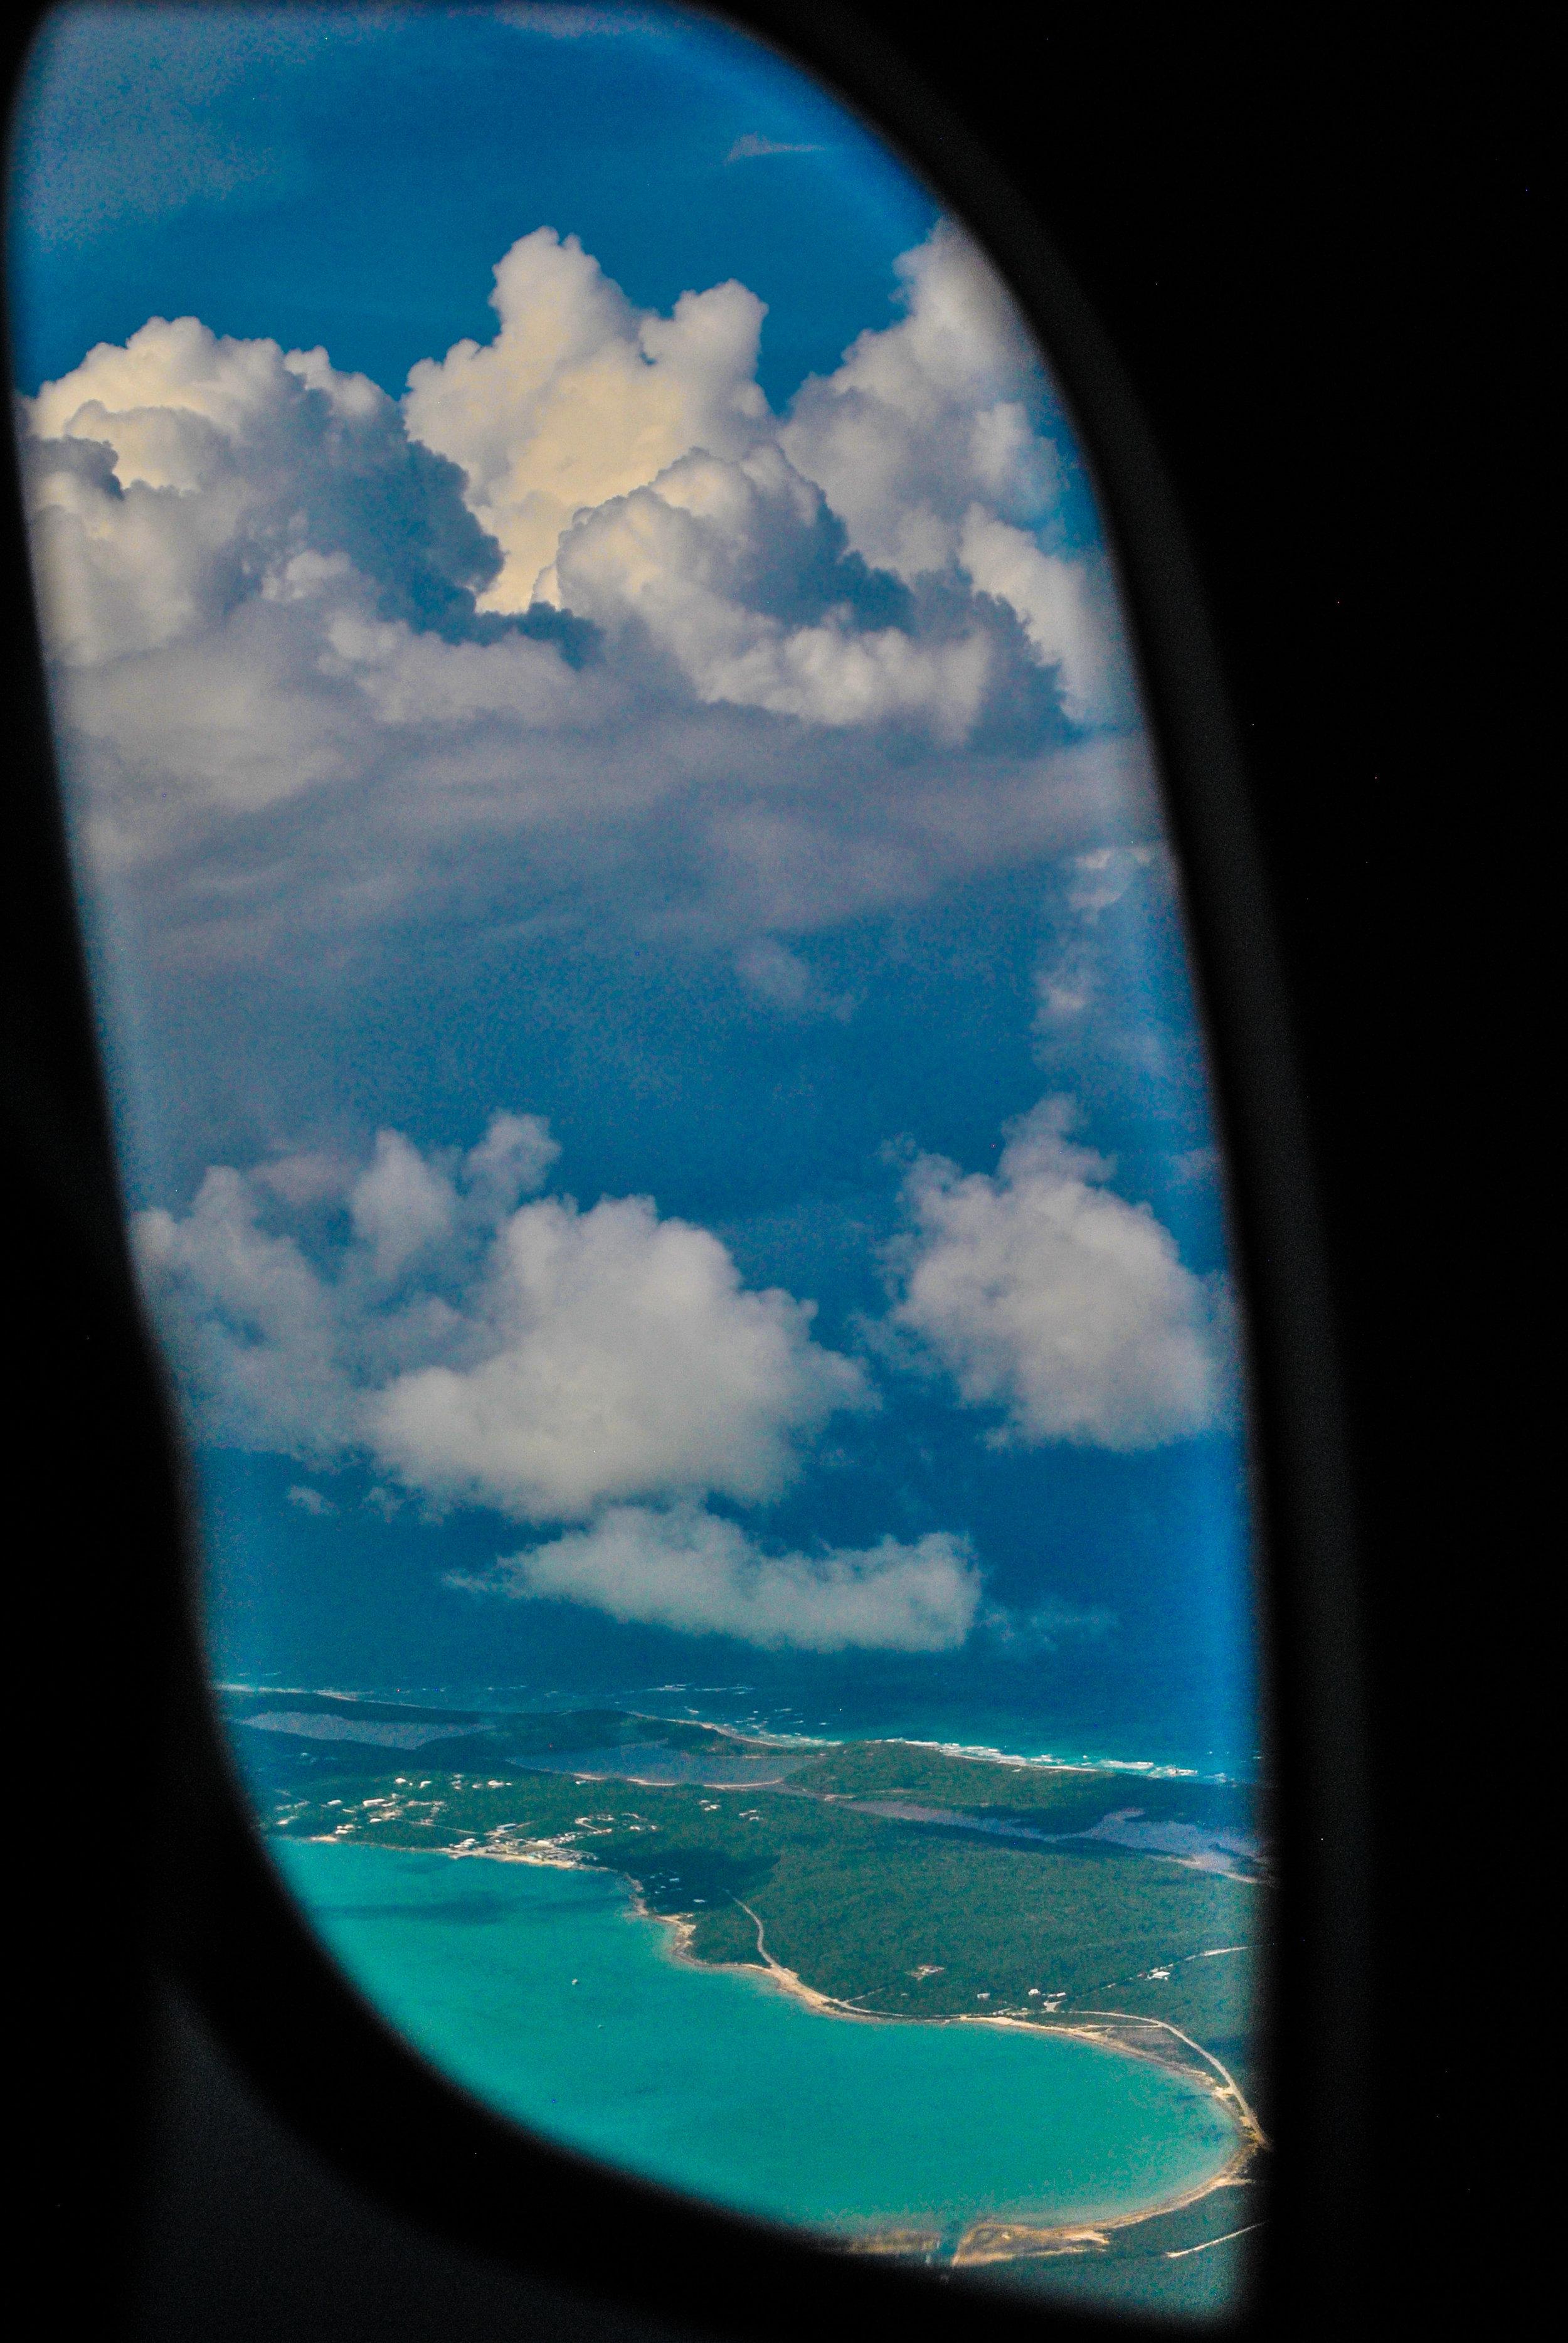 Flying over Long Island